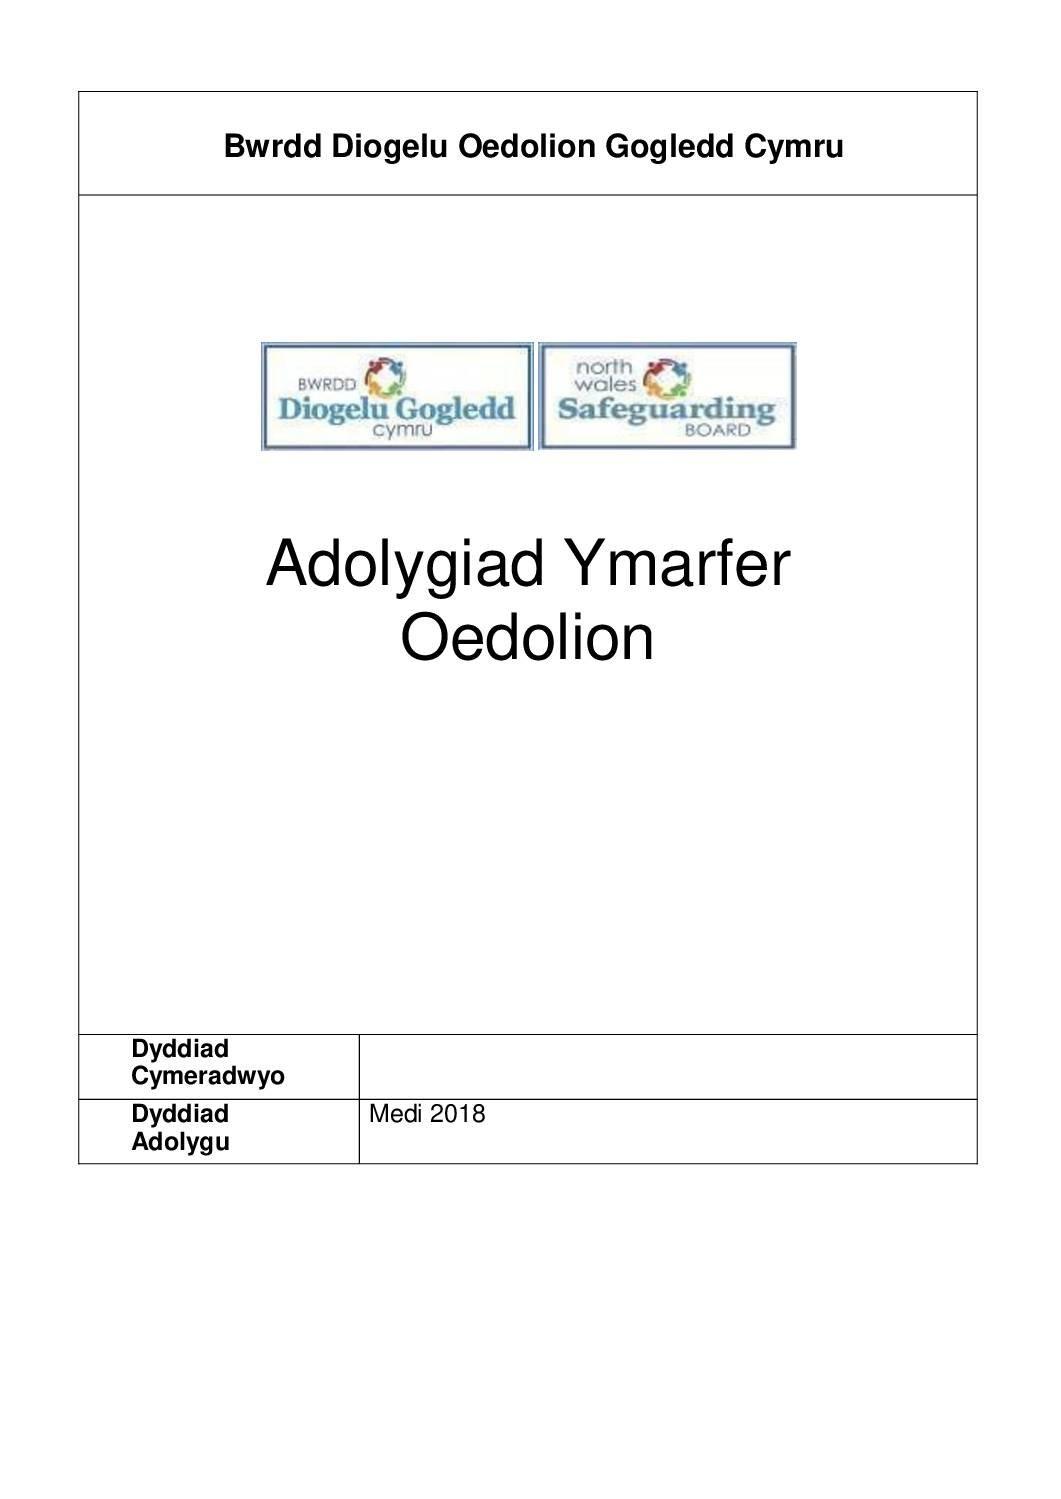 Protocol Adolygiad Ymarfer Oedolion